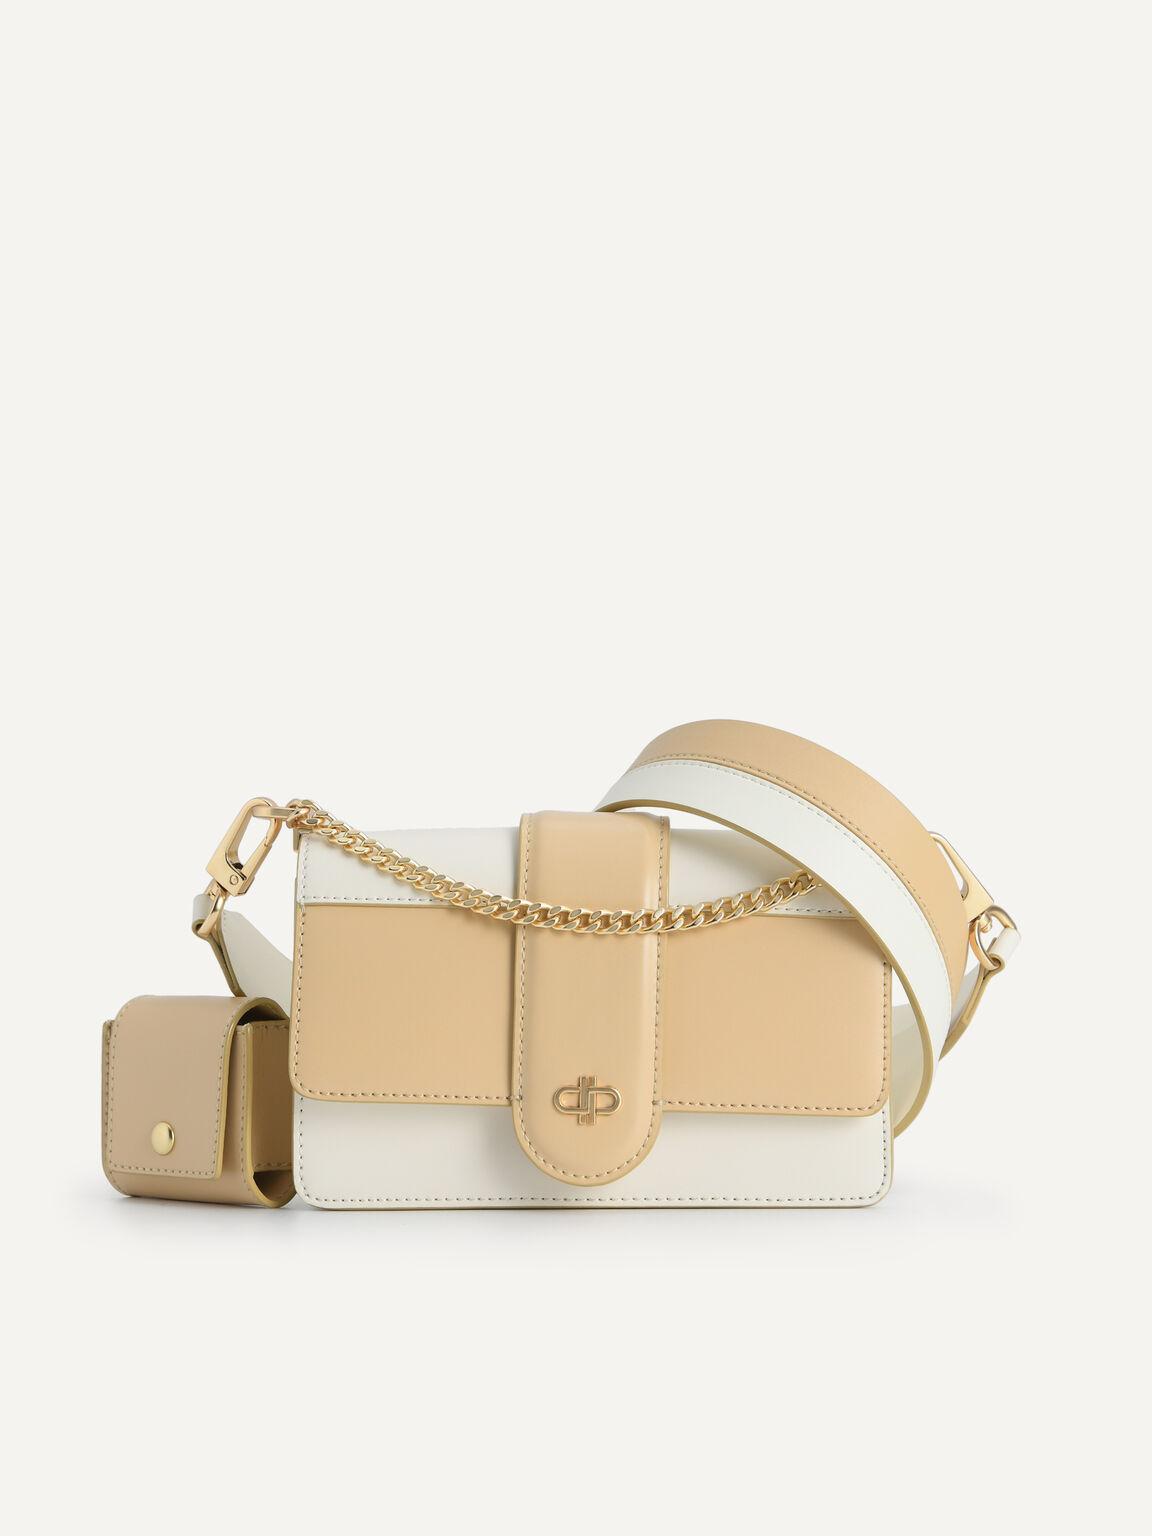 Icon Leather Shoulder Bag, Multi, hi-res